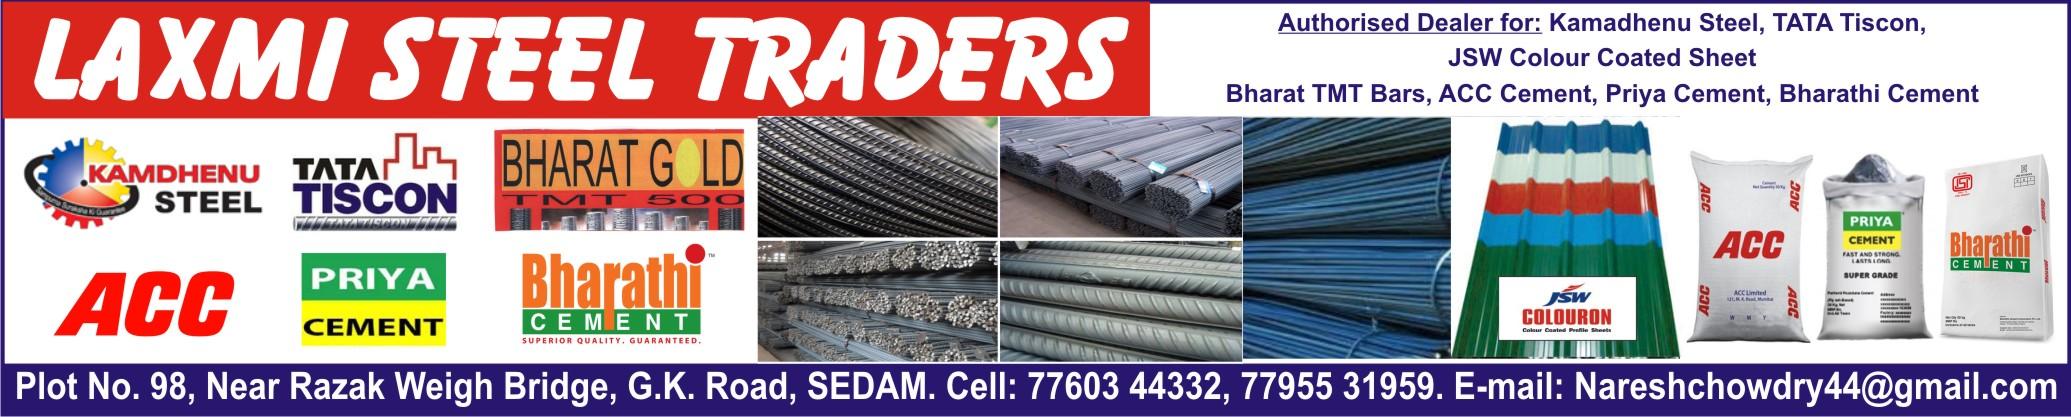 LAXMI STEEL TRADERS